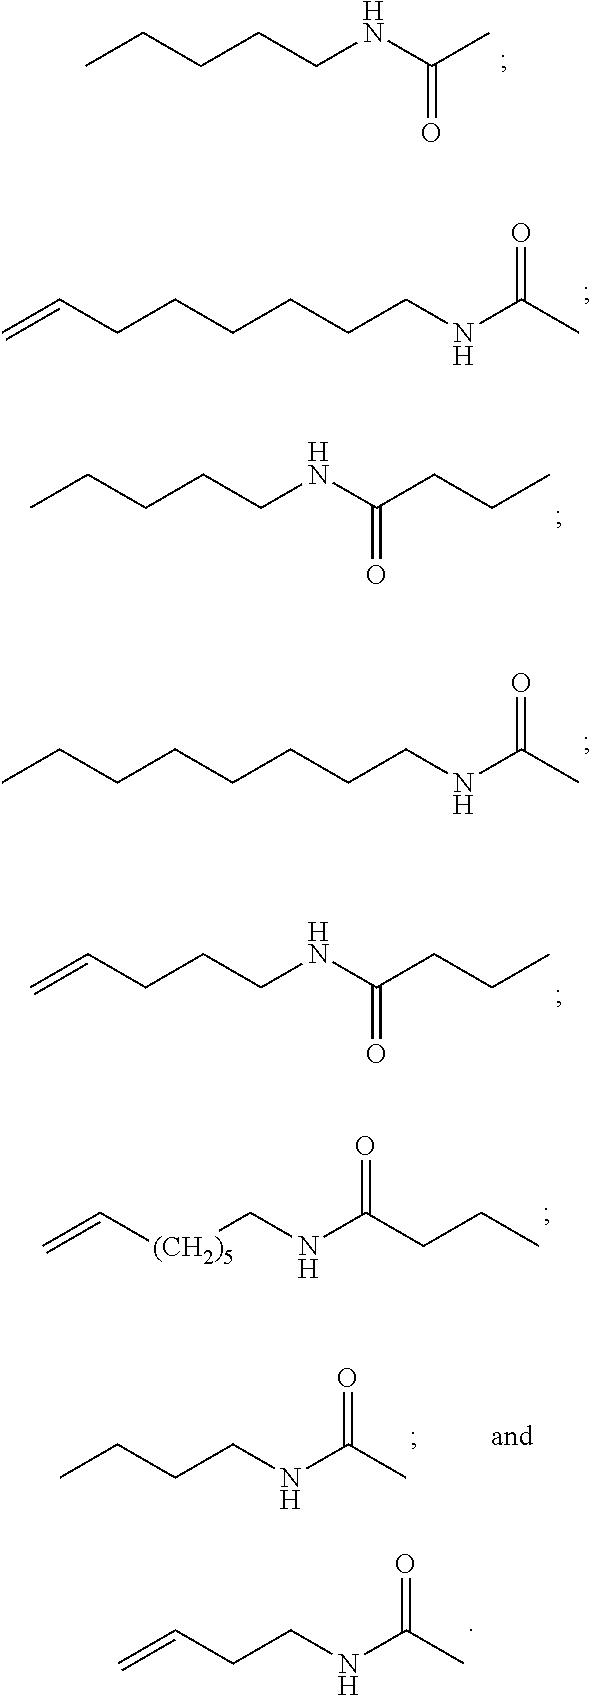 Figure US09200038-20151201-C00366